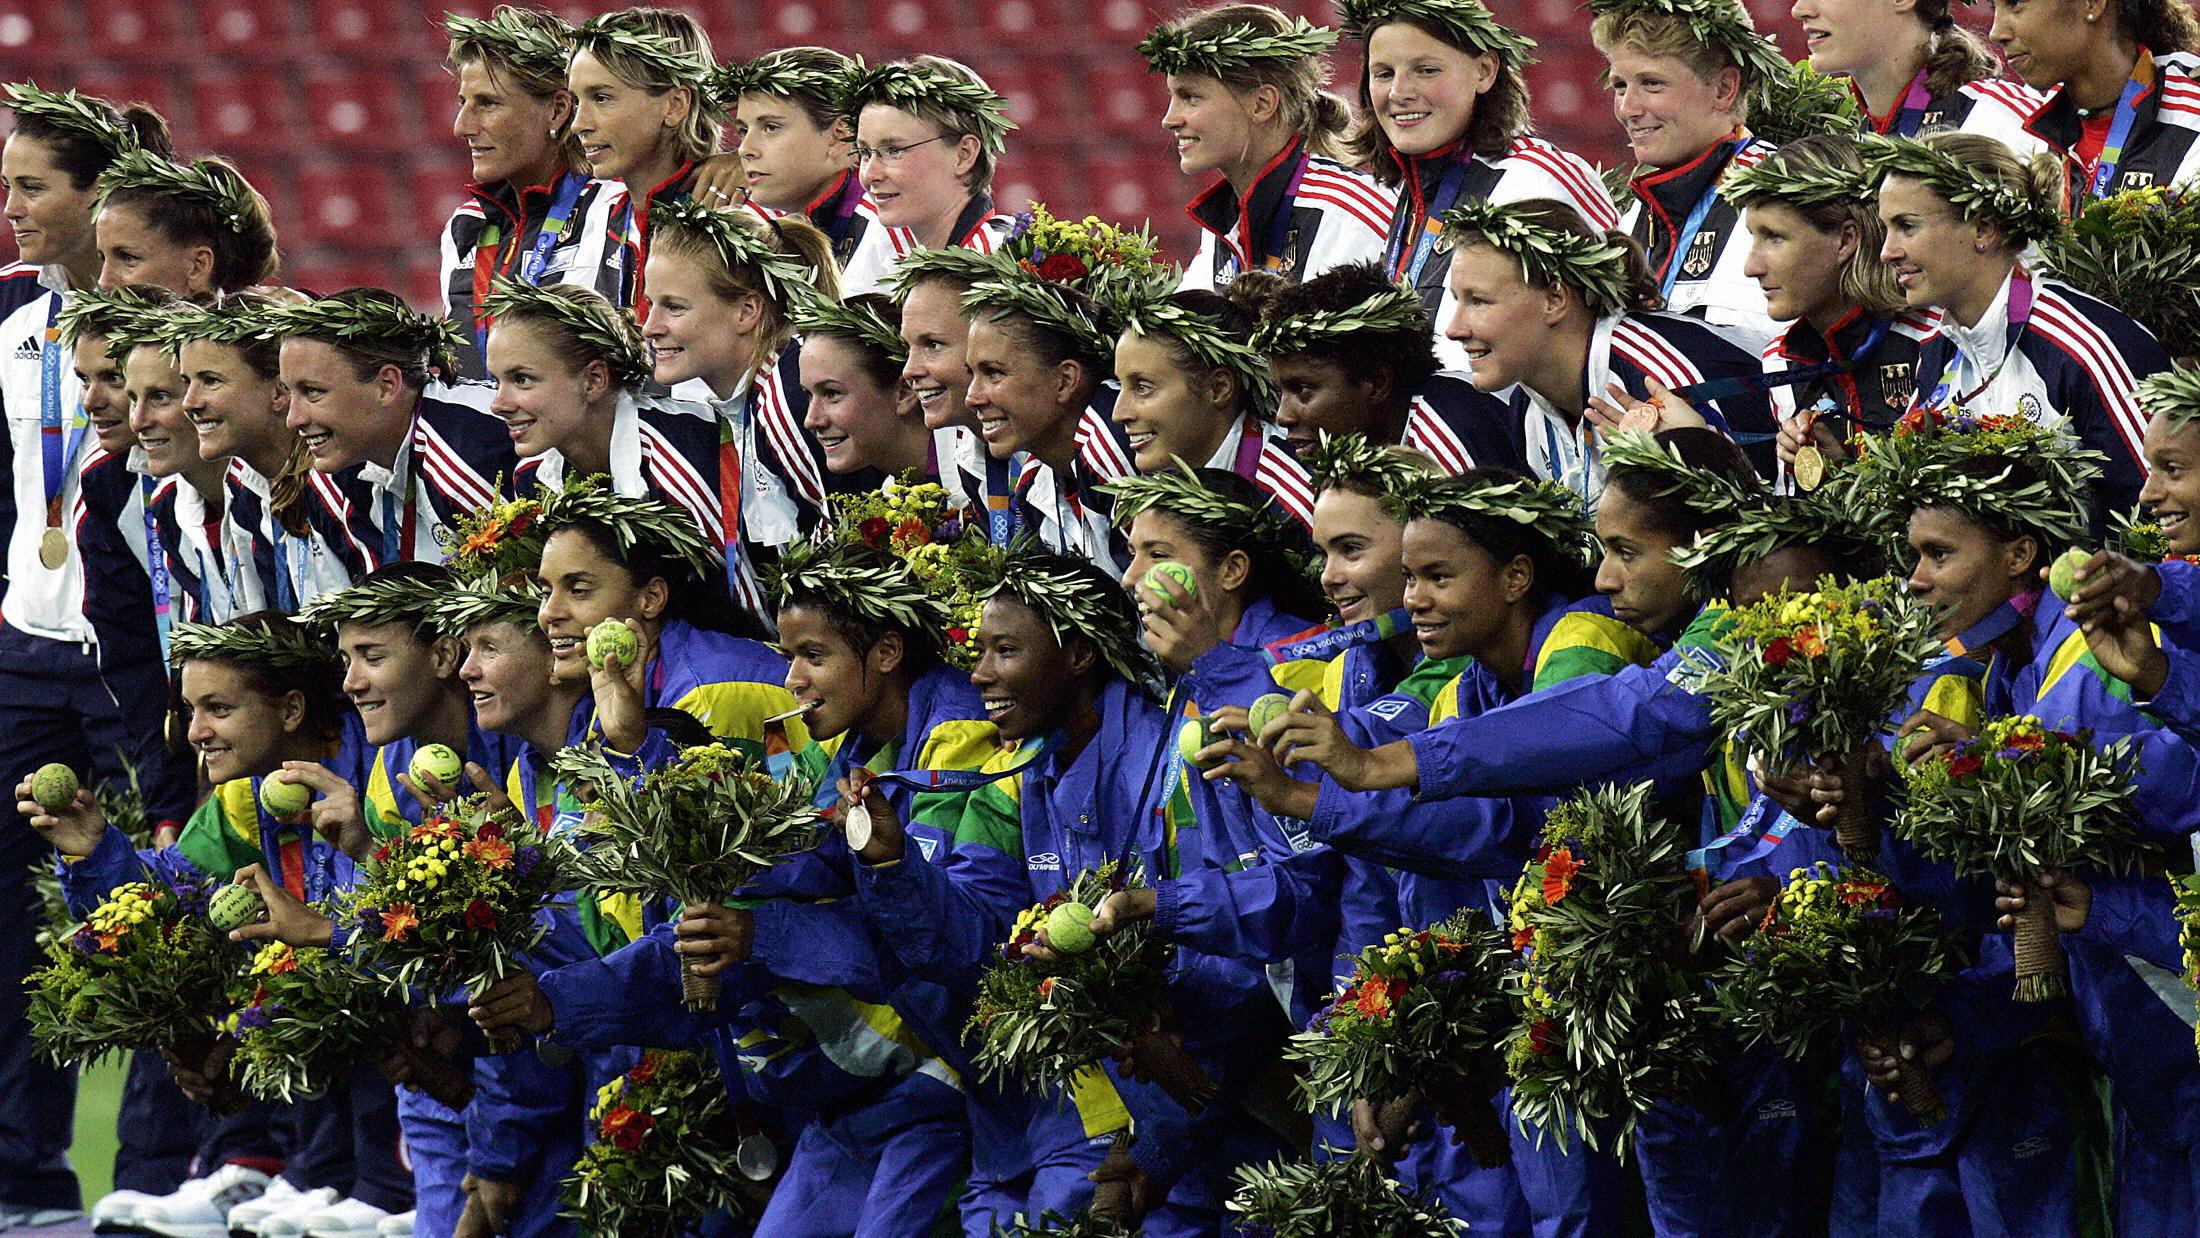 Histórica medalha de prata da seleção feminina de futebol em Atenas-2004 teve bolinha de tênis e jogadoras em 'tribunal'